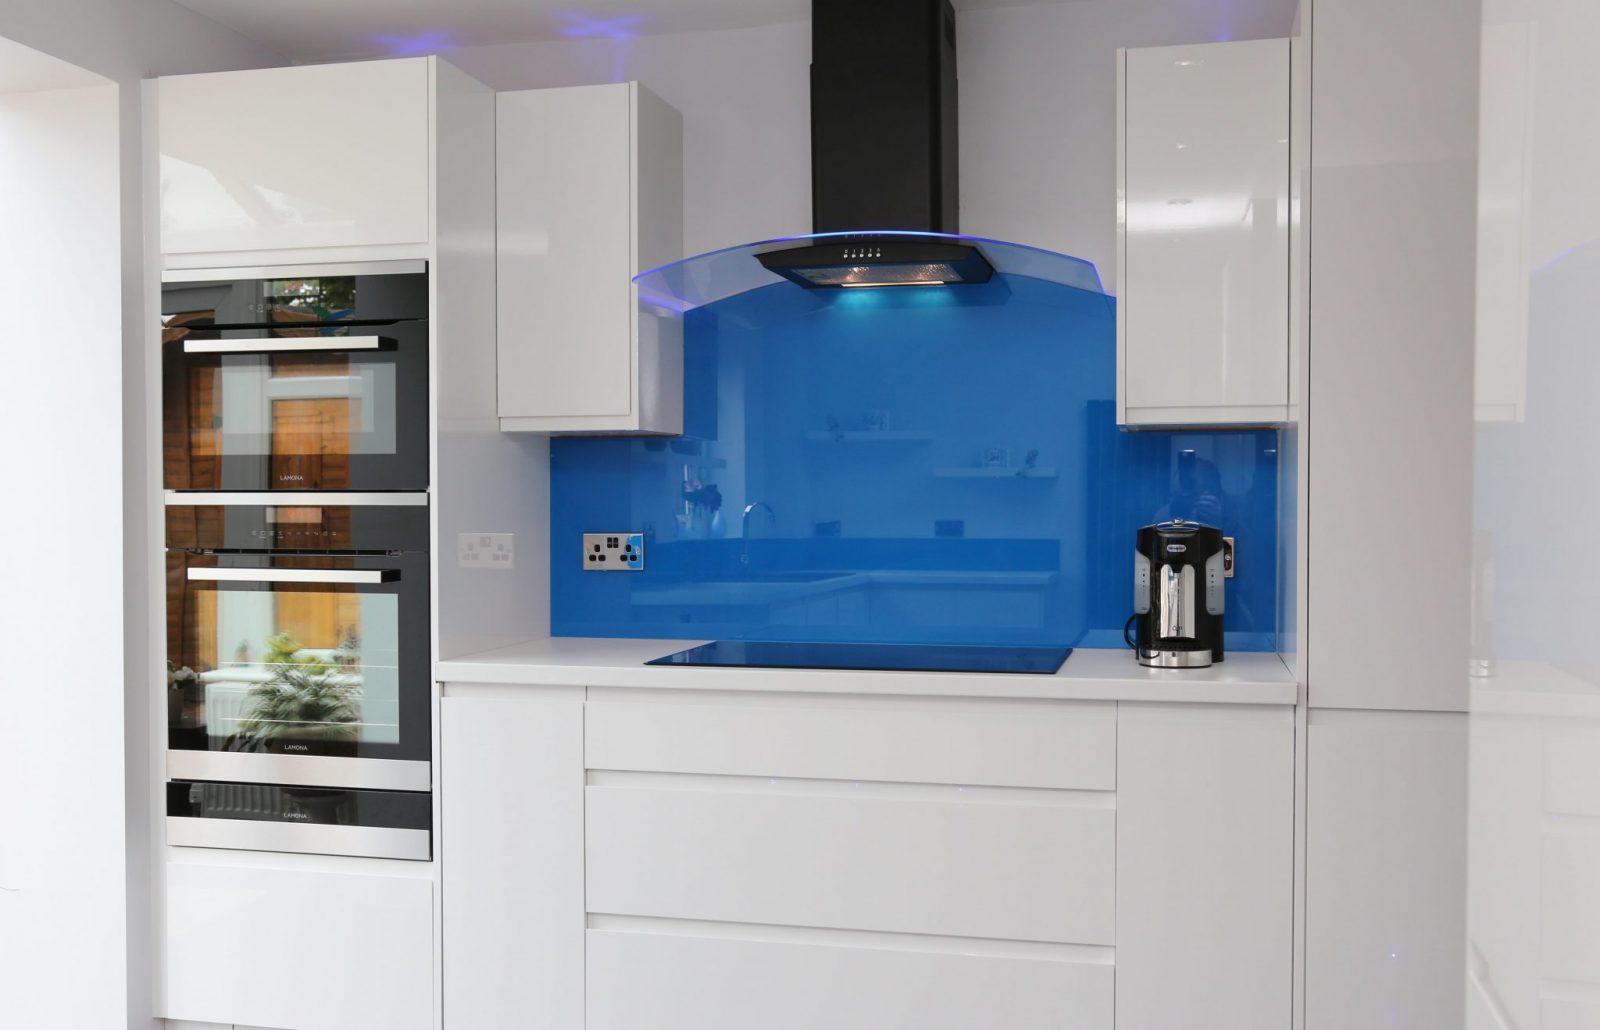 Upstand Glass Splashbacks For Kitchens Glass Kitchen Splashback ...